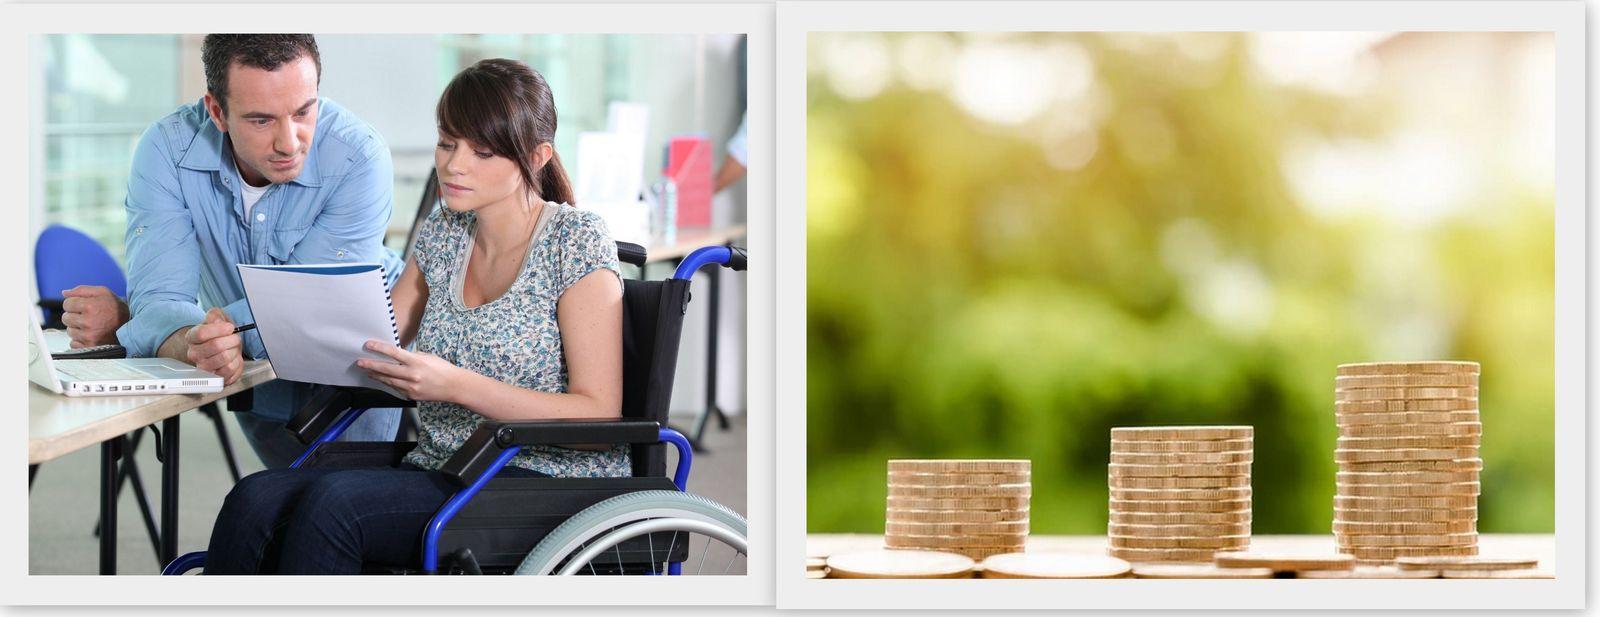 Насколько вырастут пенсии по инвалидности в 2021 году